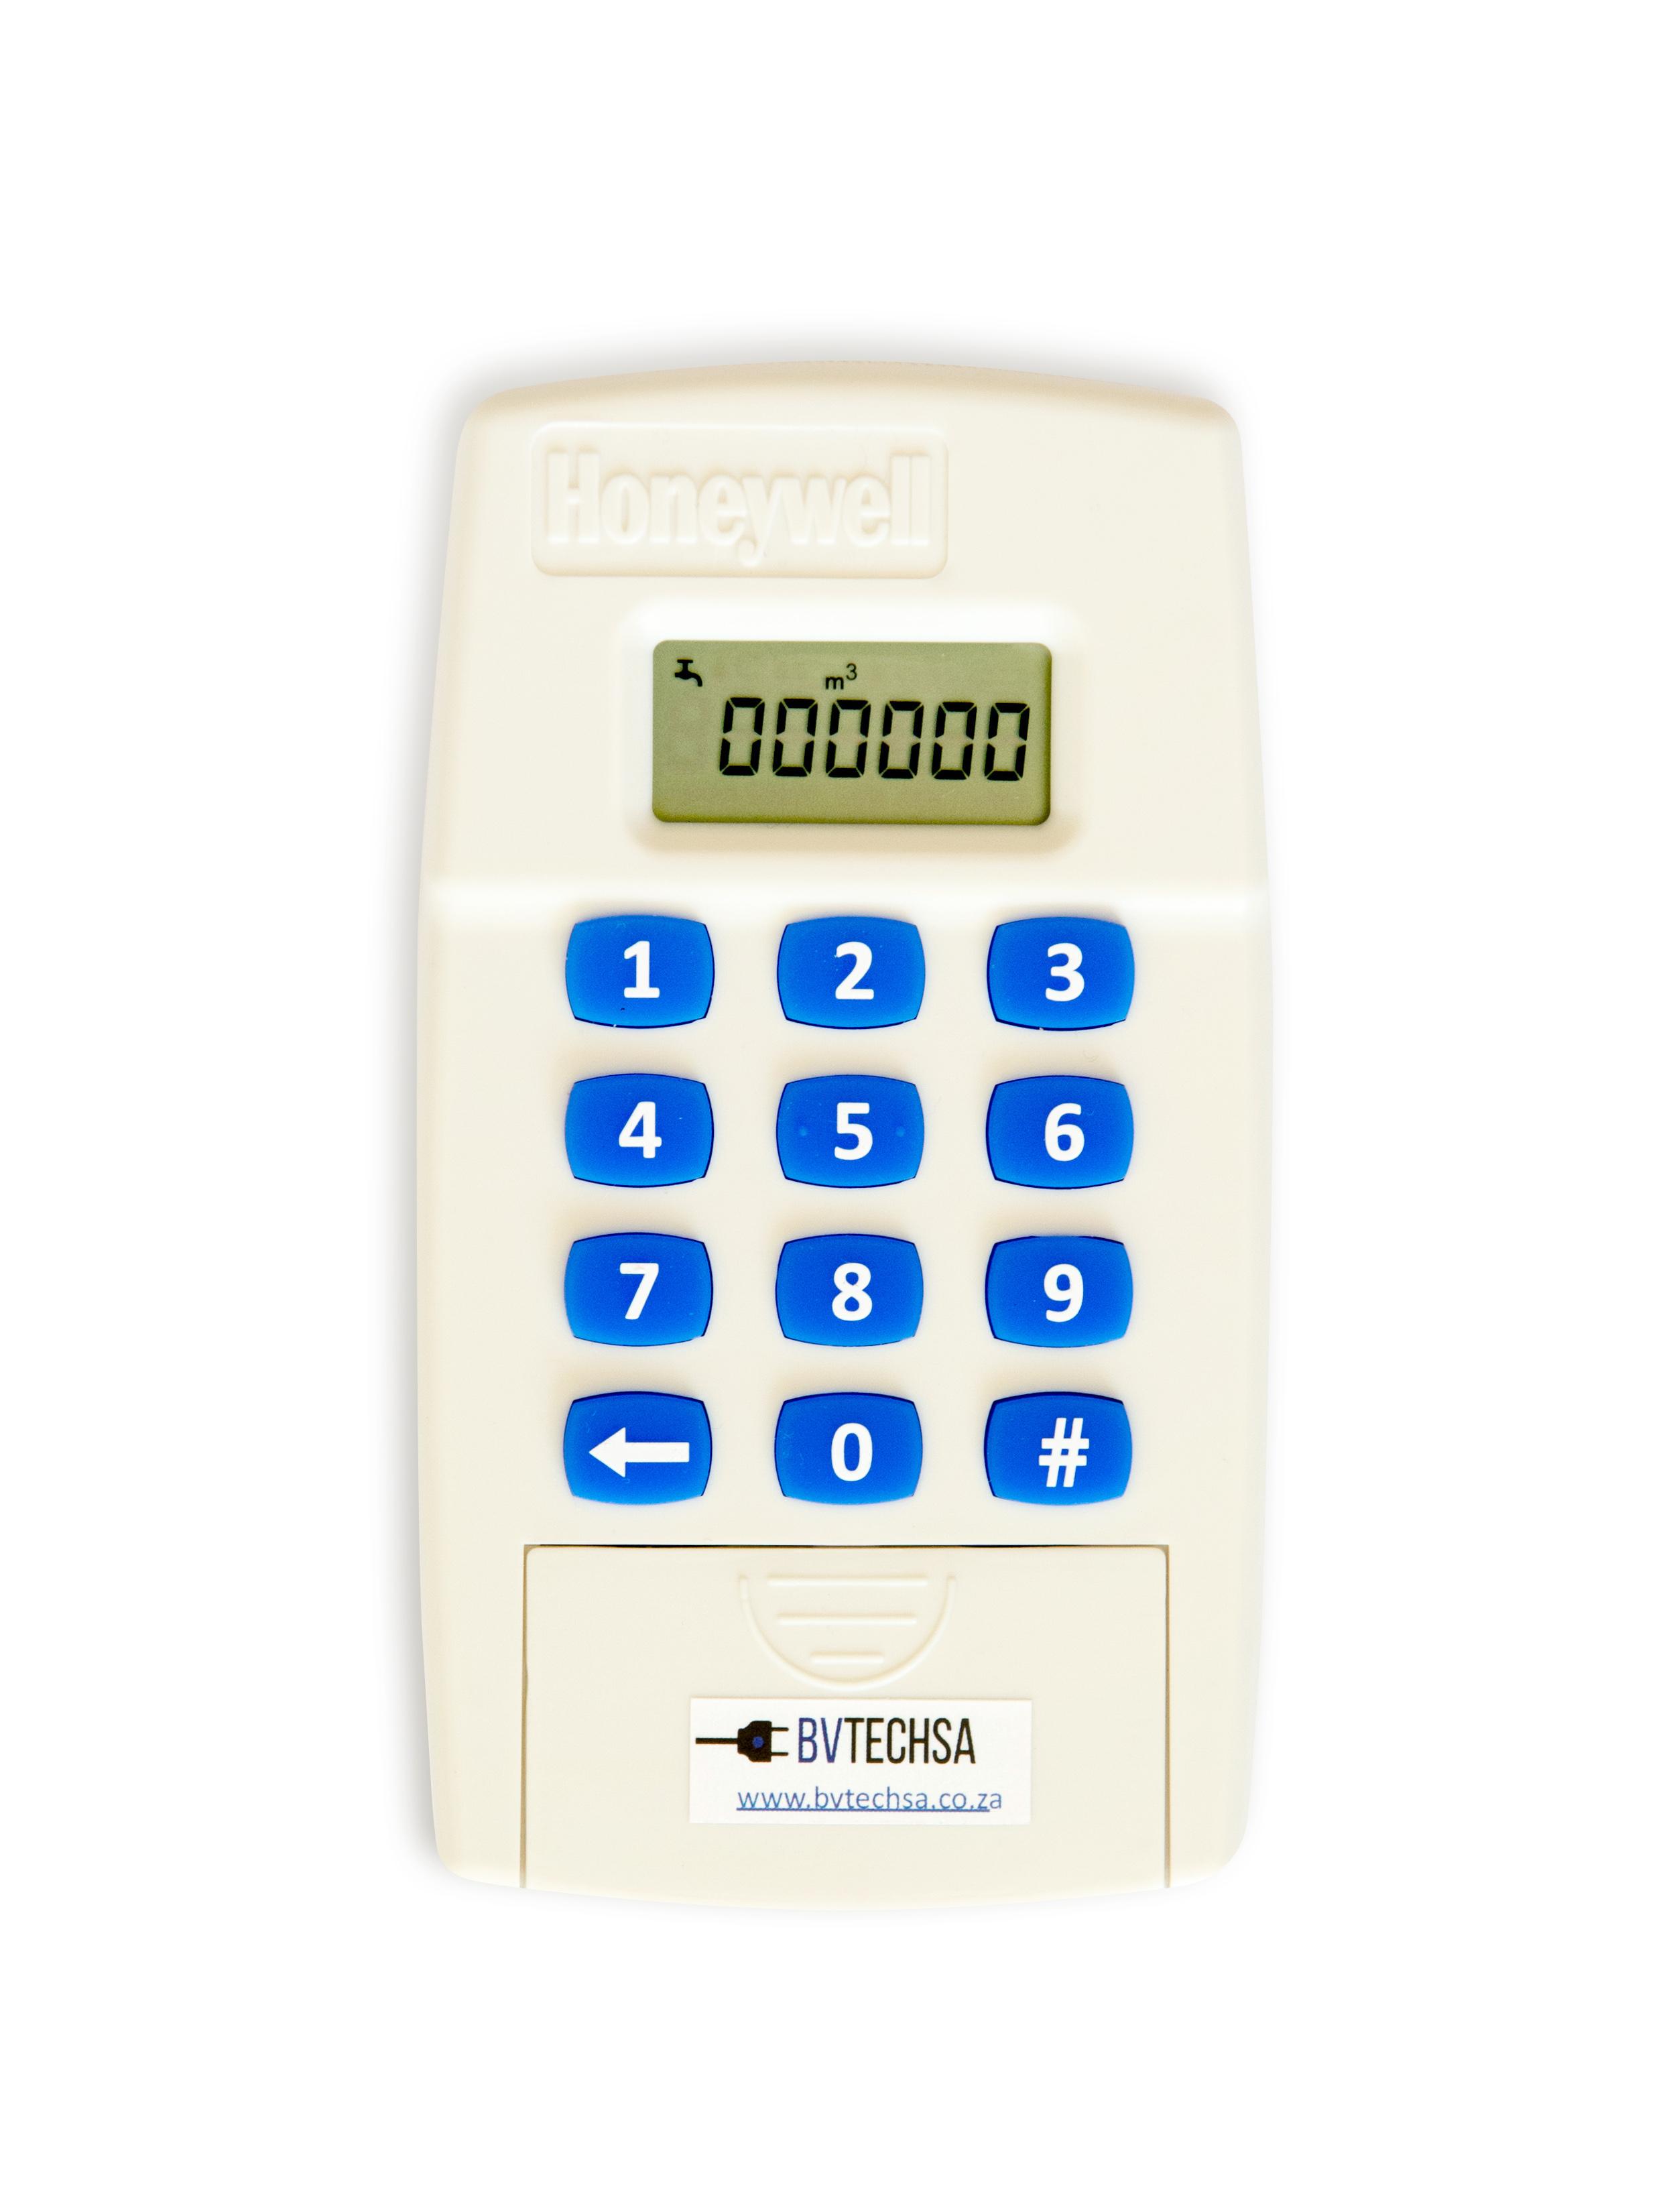 Bvtechsa Prepaid Water Meters Prepaid Electricity